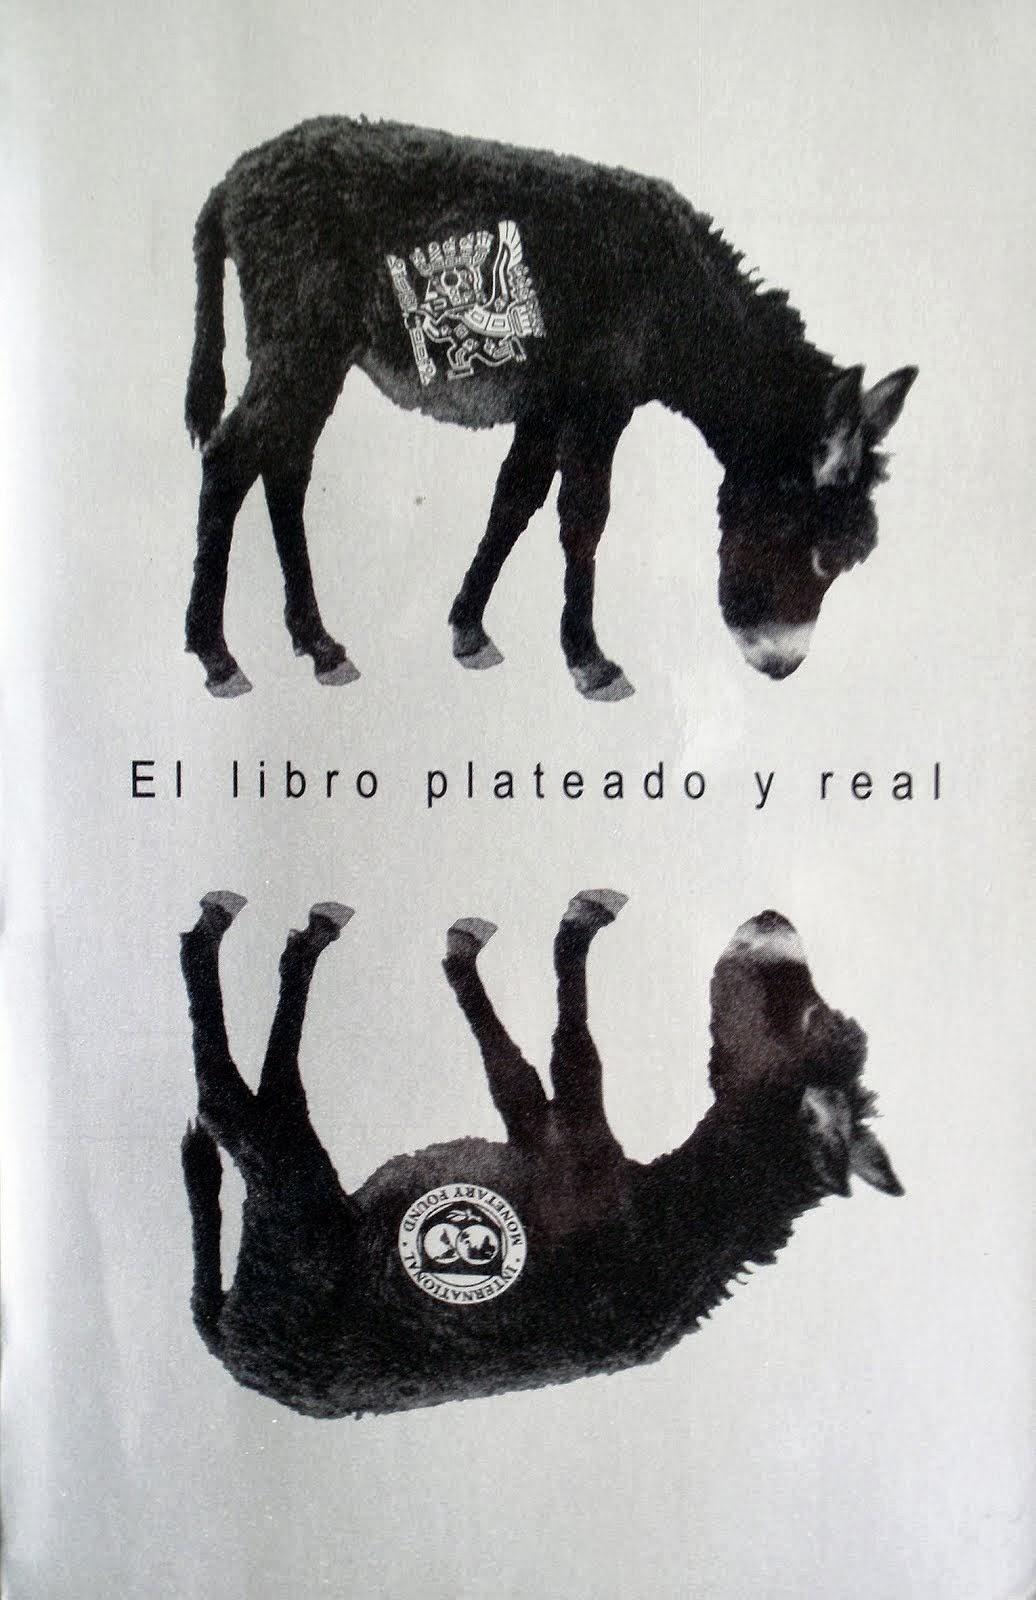 El Camino Plateado y Real, 2004.